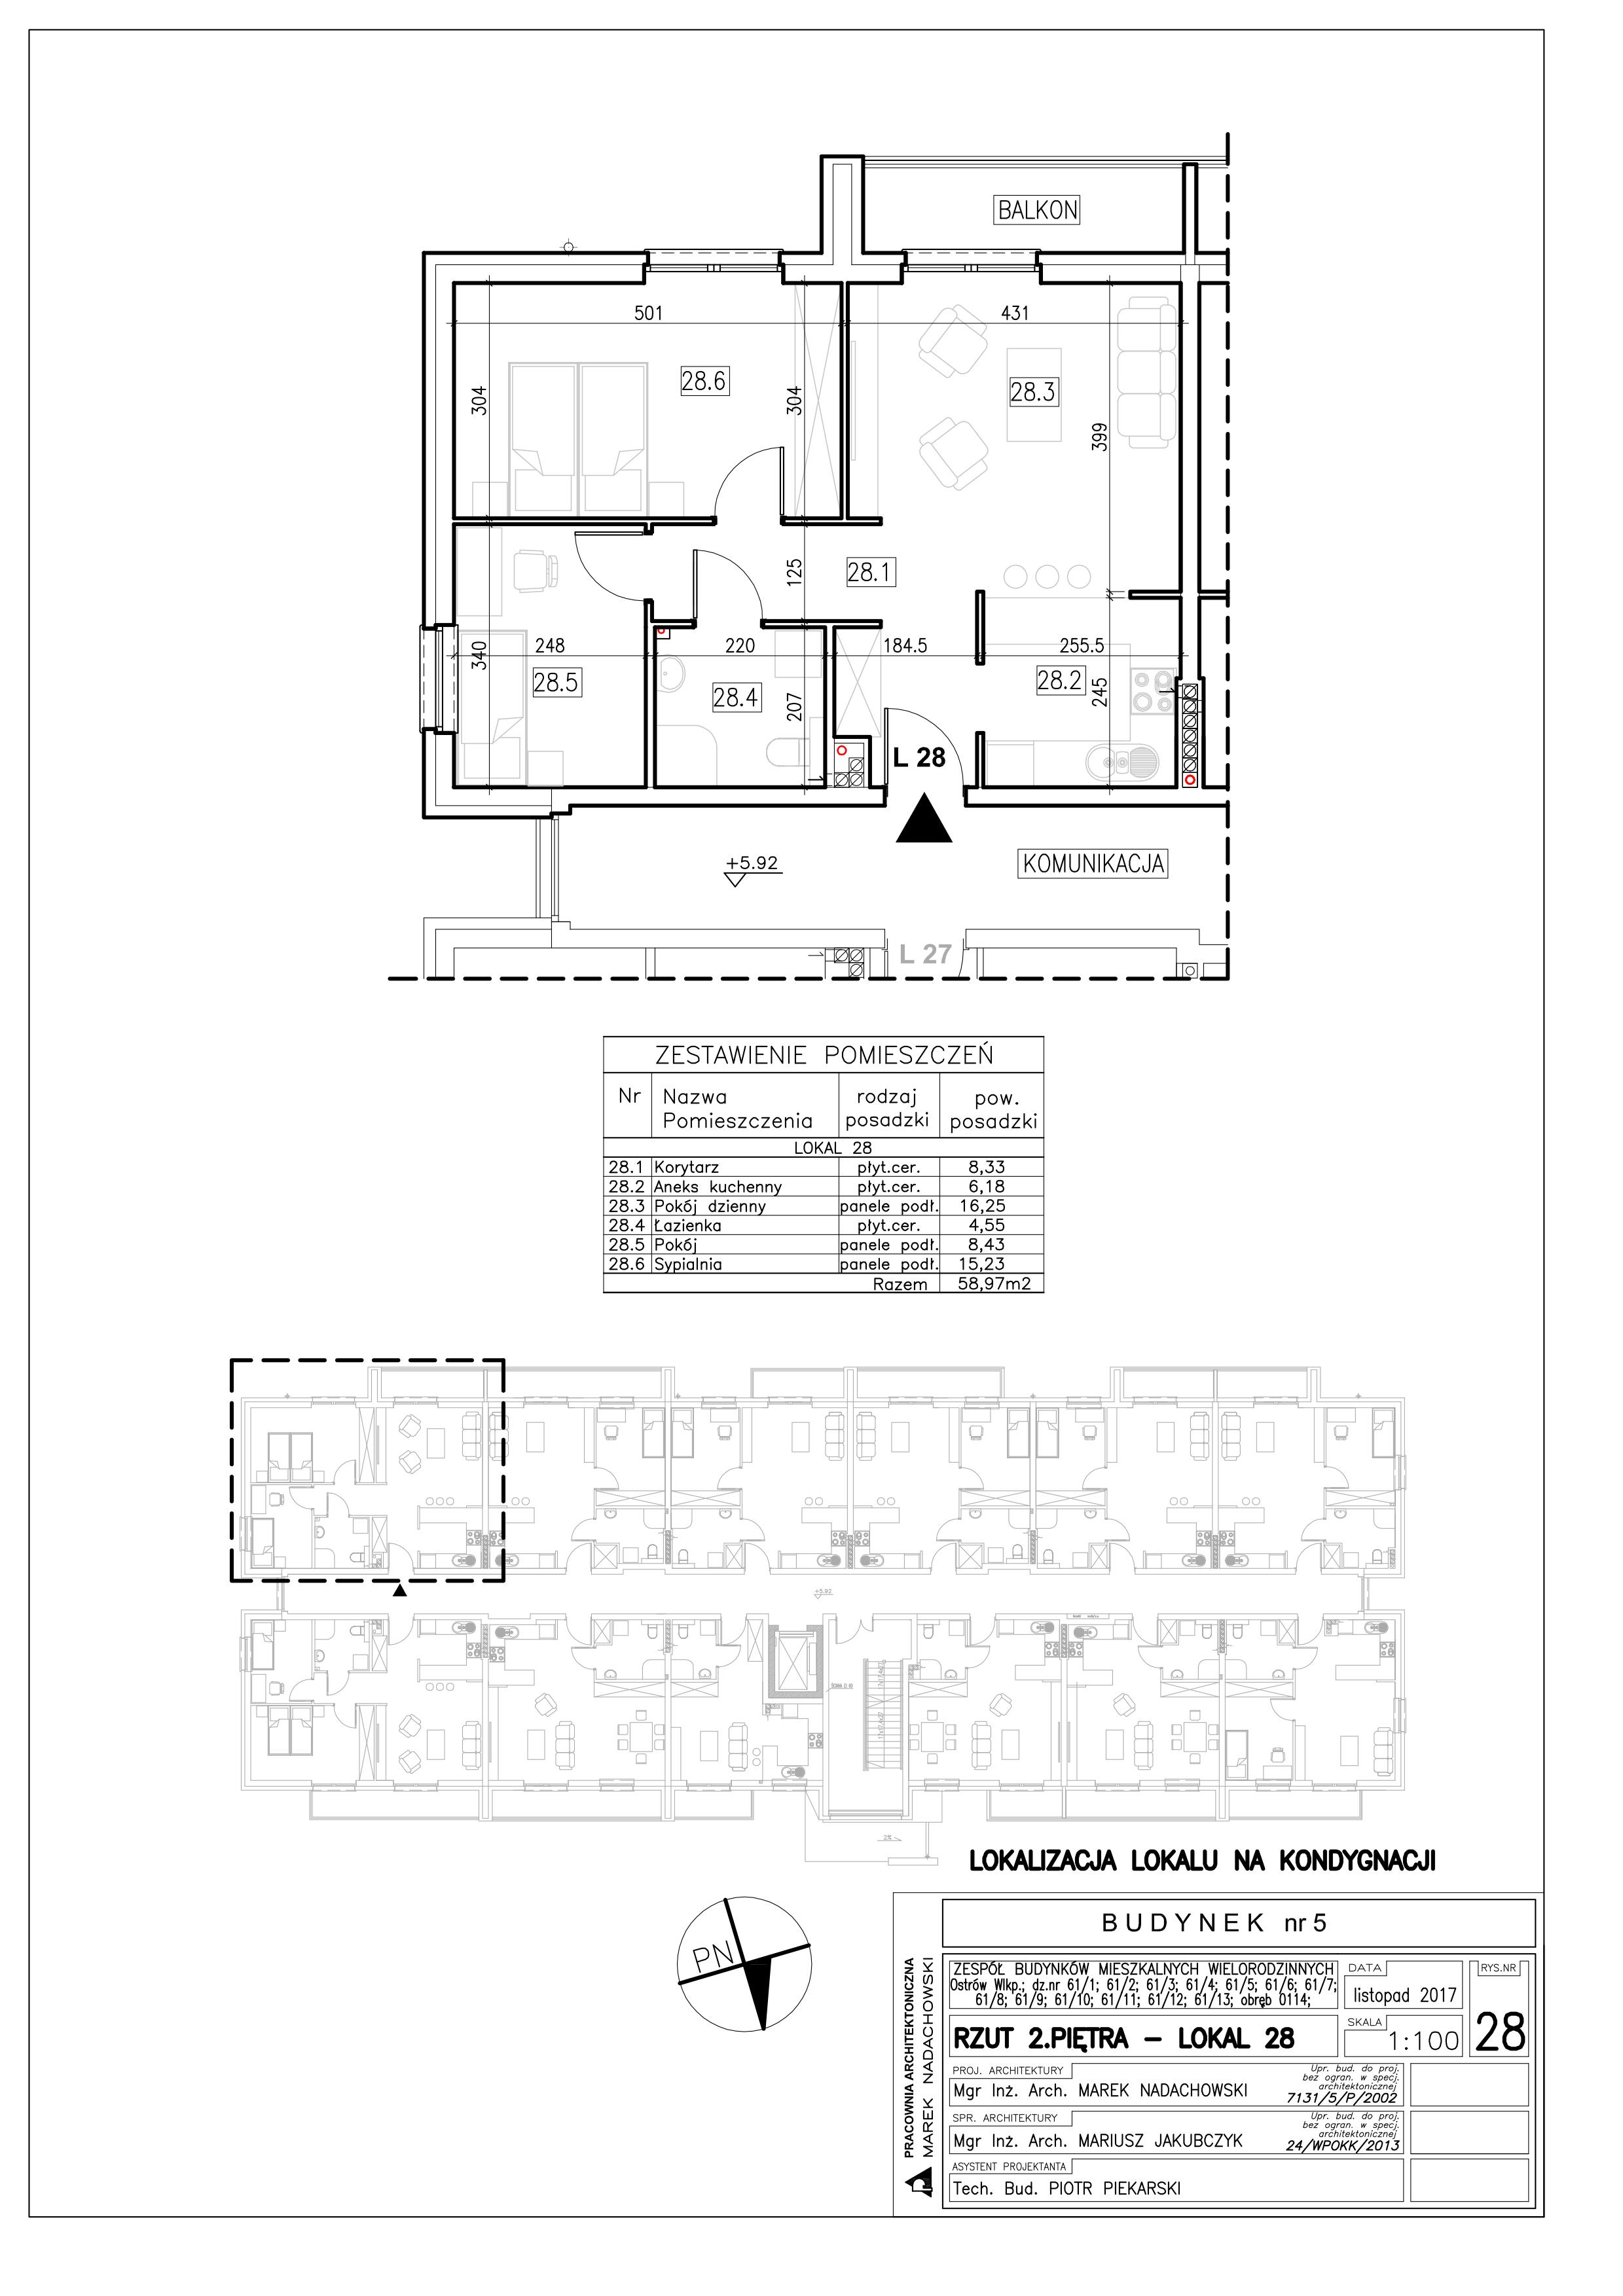 Lokal nr 28 Powierzchnia: 58,97 m2